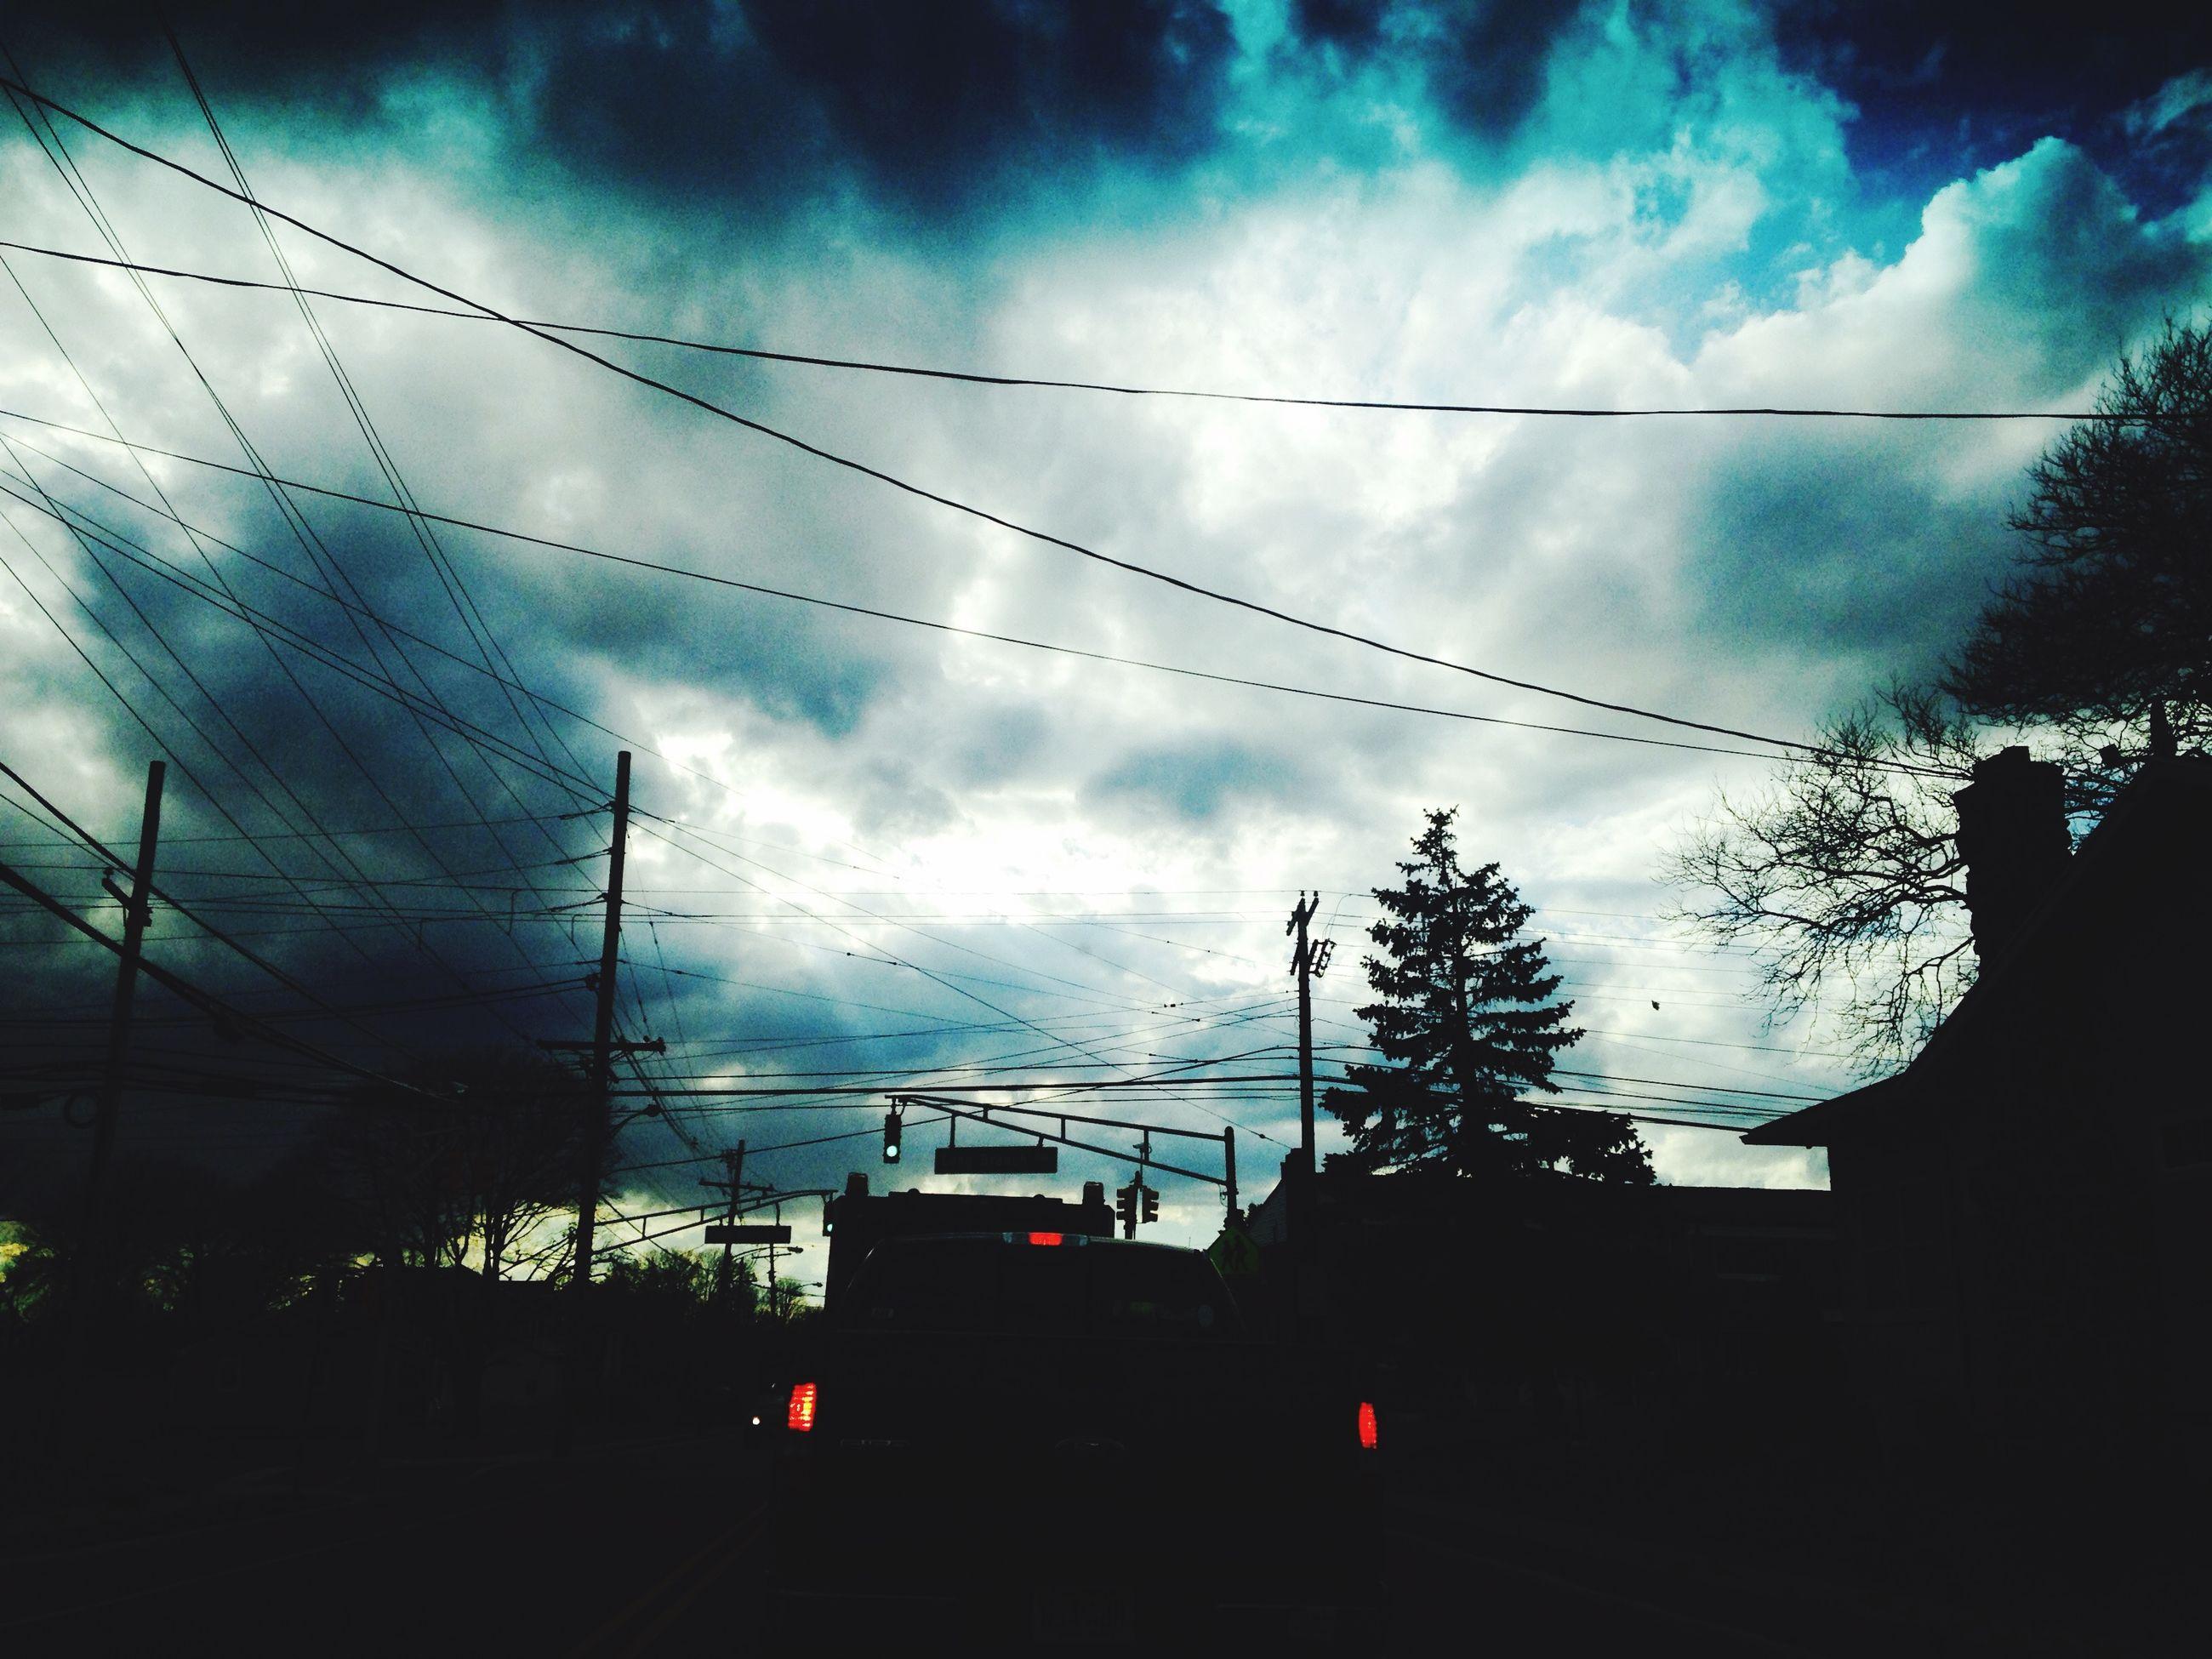 sky, cloud - sky, cloudy, cloud, power line, low angle view, built structure, silhouette, building exterior, architecture, weather, cable, connection, electricity pylon, transportation, dusk, overcast, nature, bird, storm cloud